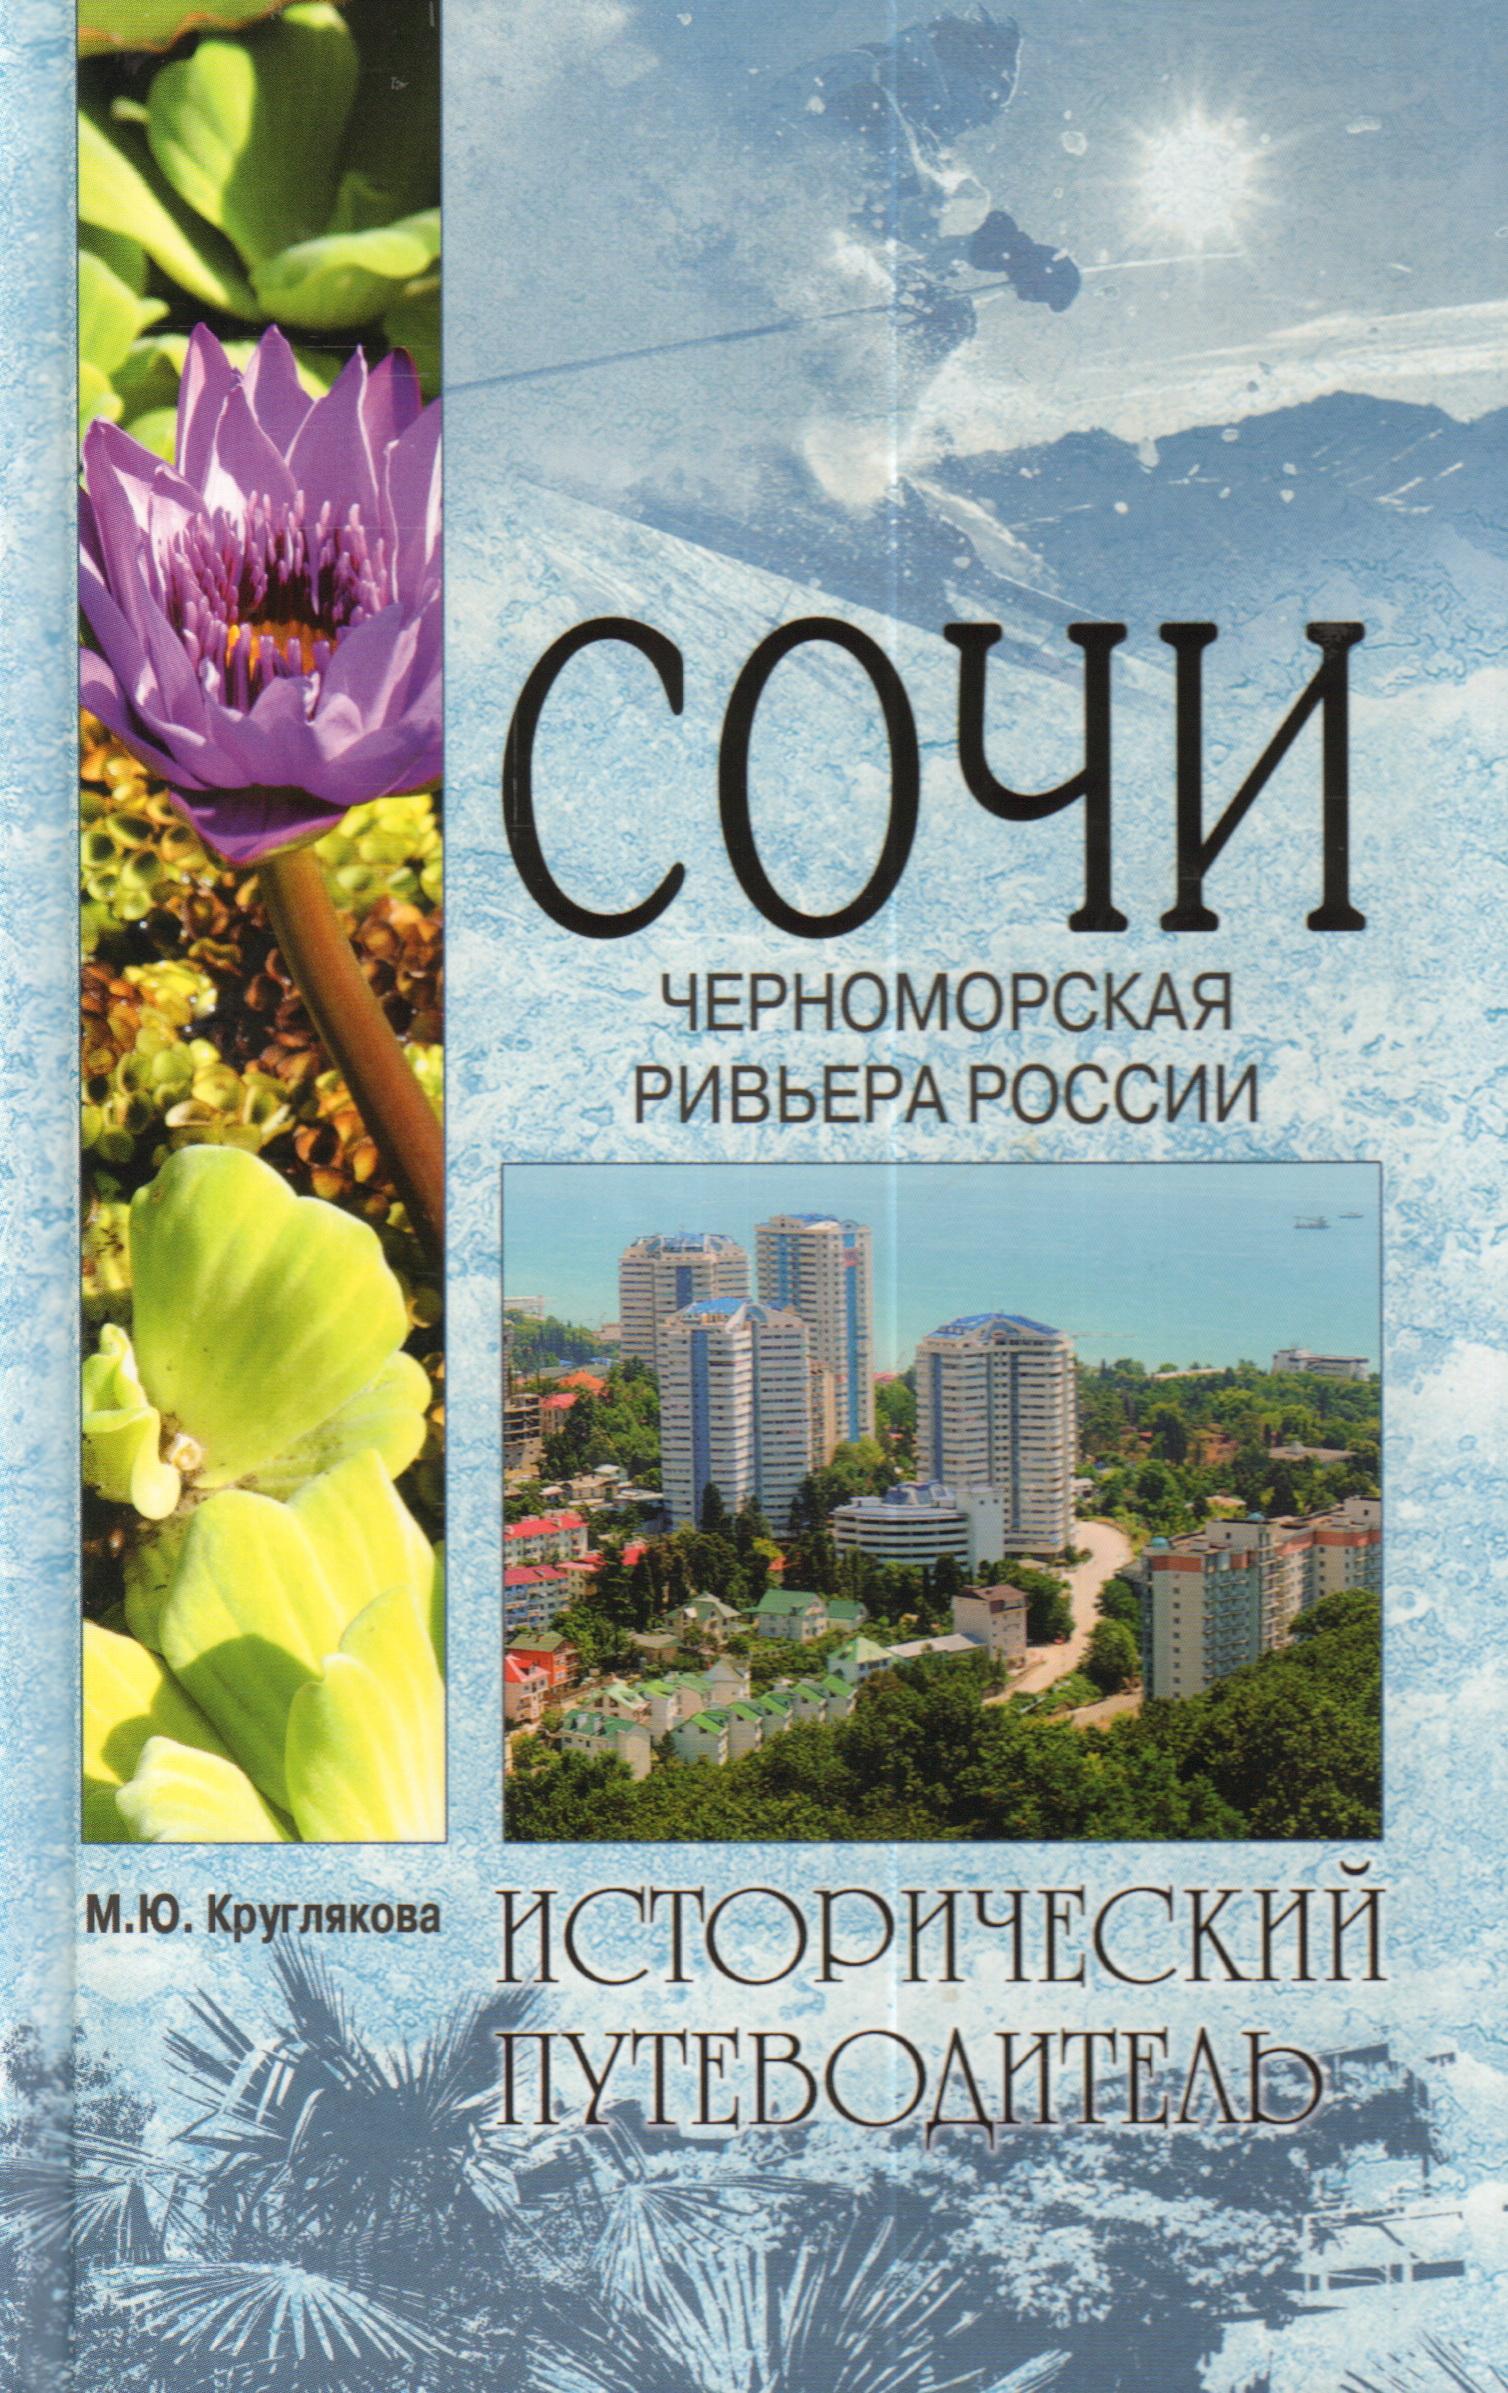 ИП NEW Сочи. Черноморская Ривьера России (16+)